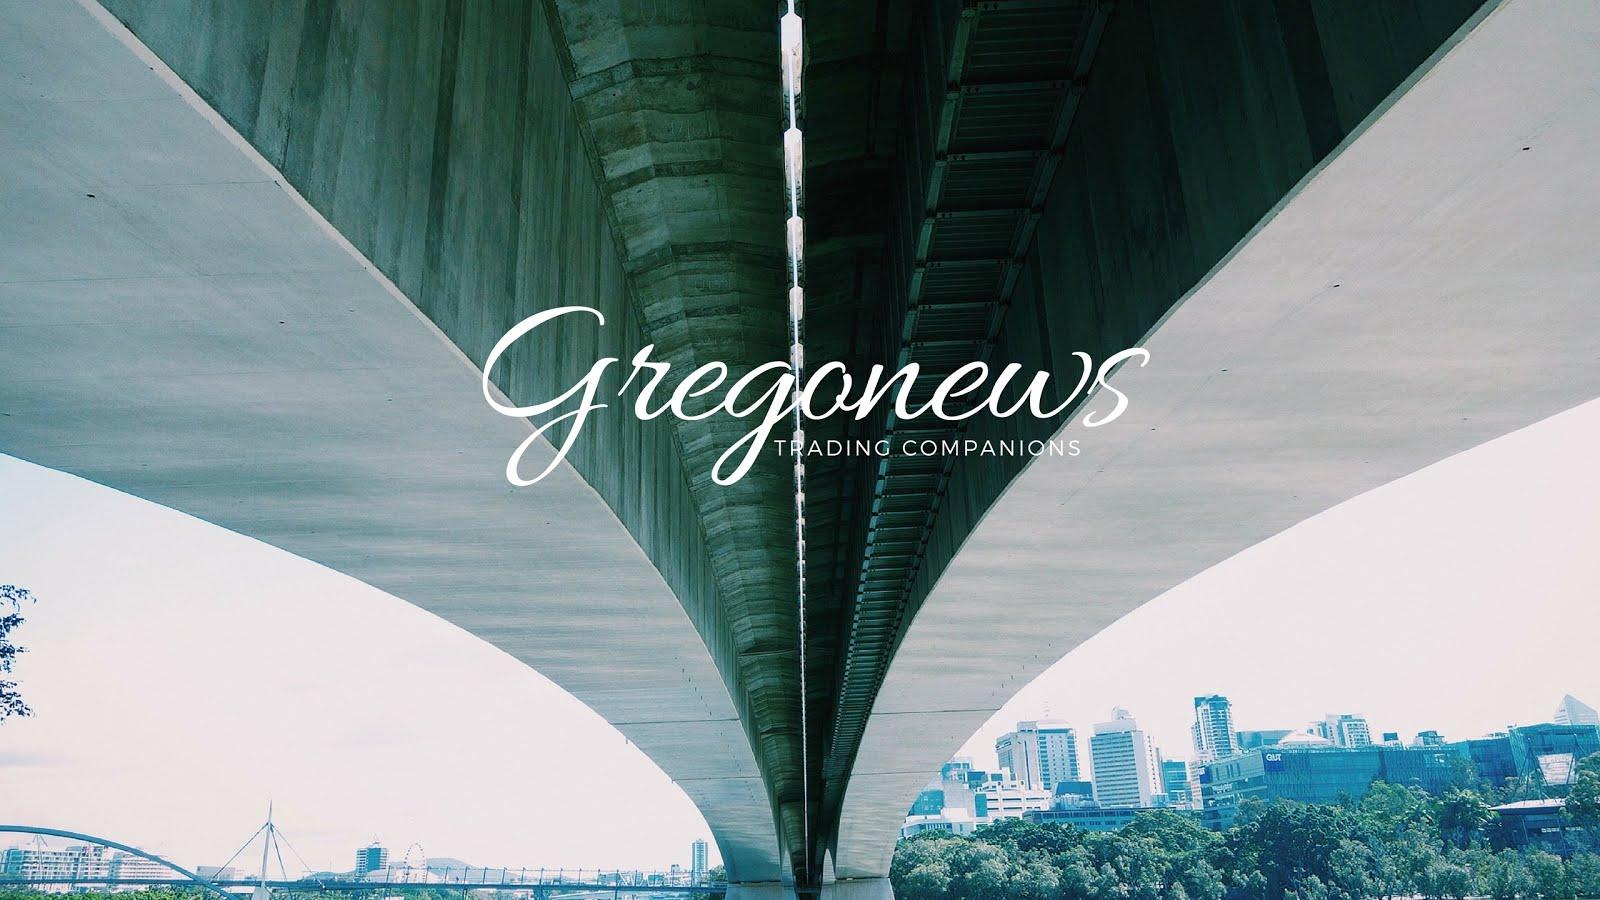 gregonews